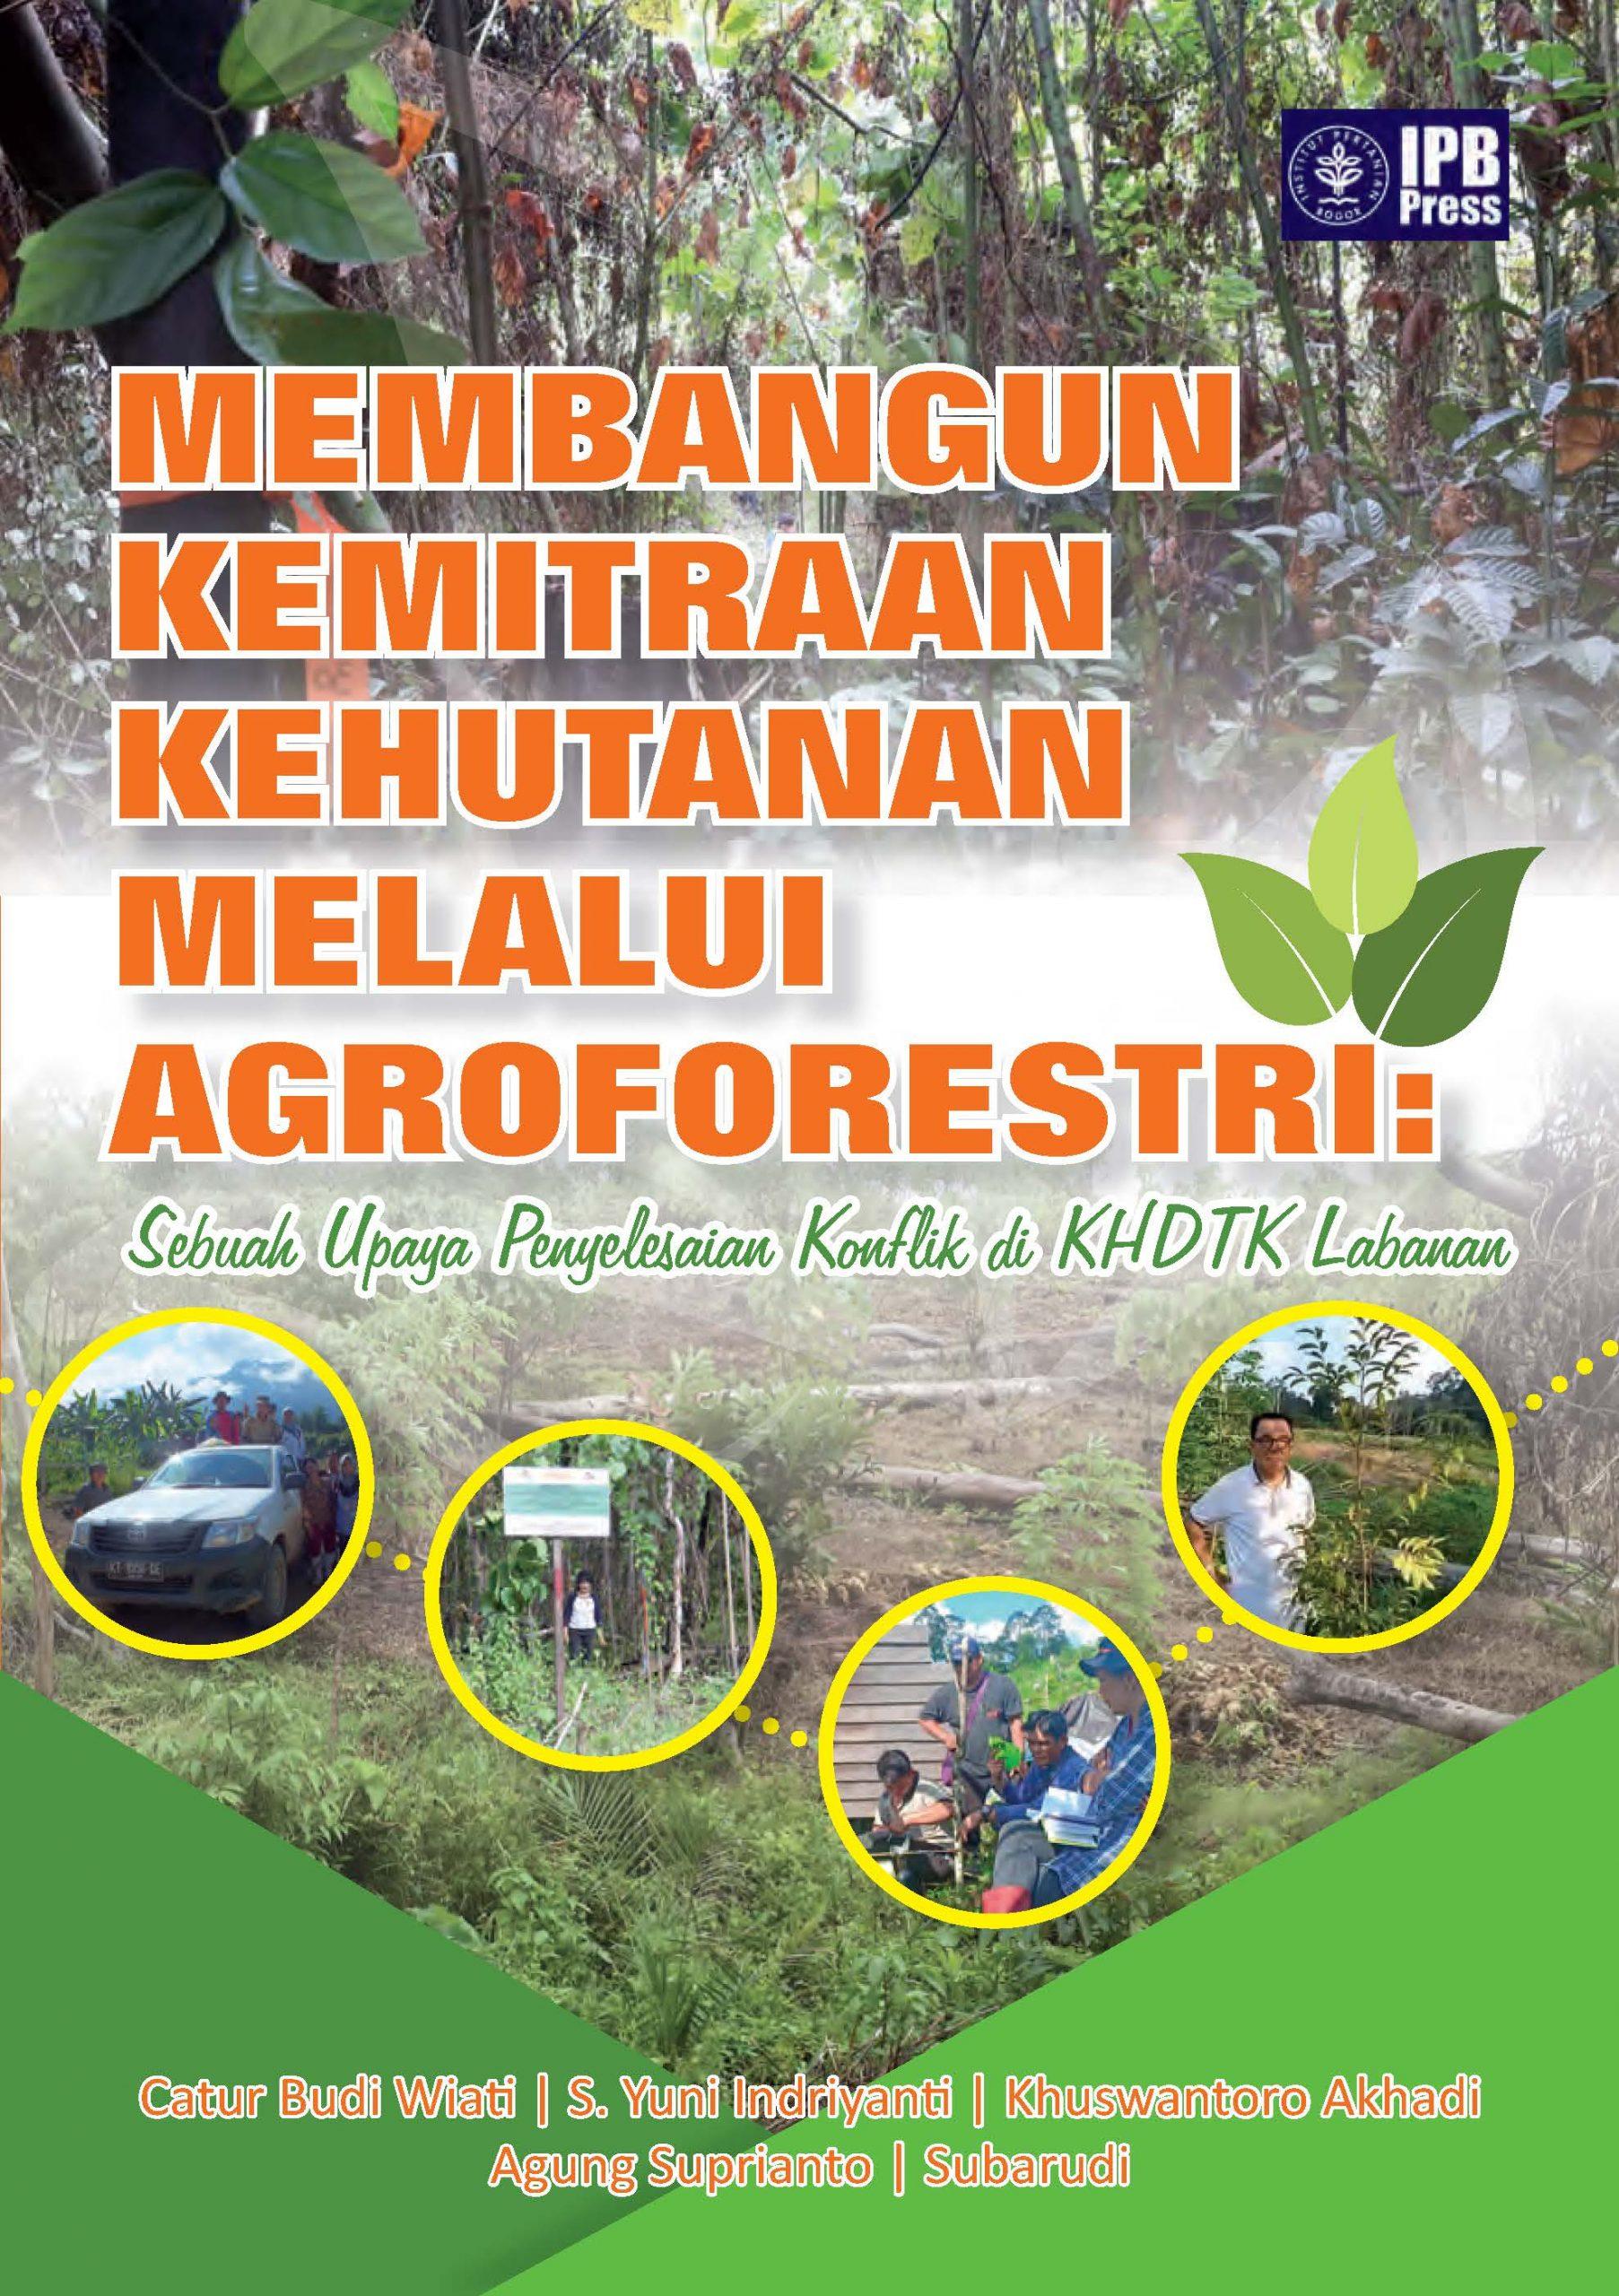 Buku Membangun Kemitraa Kehutanan Melalui Agroforestri